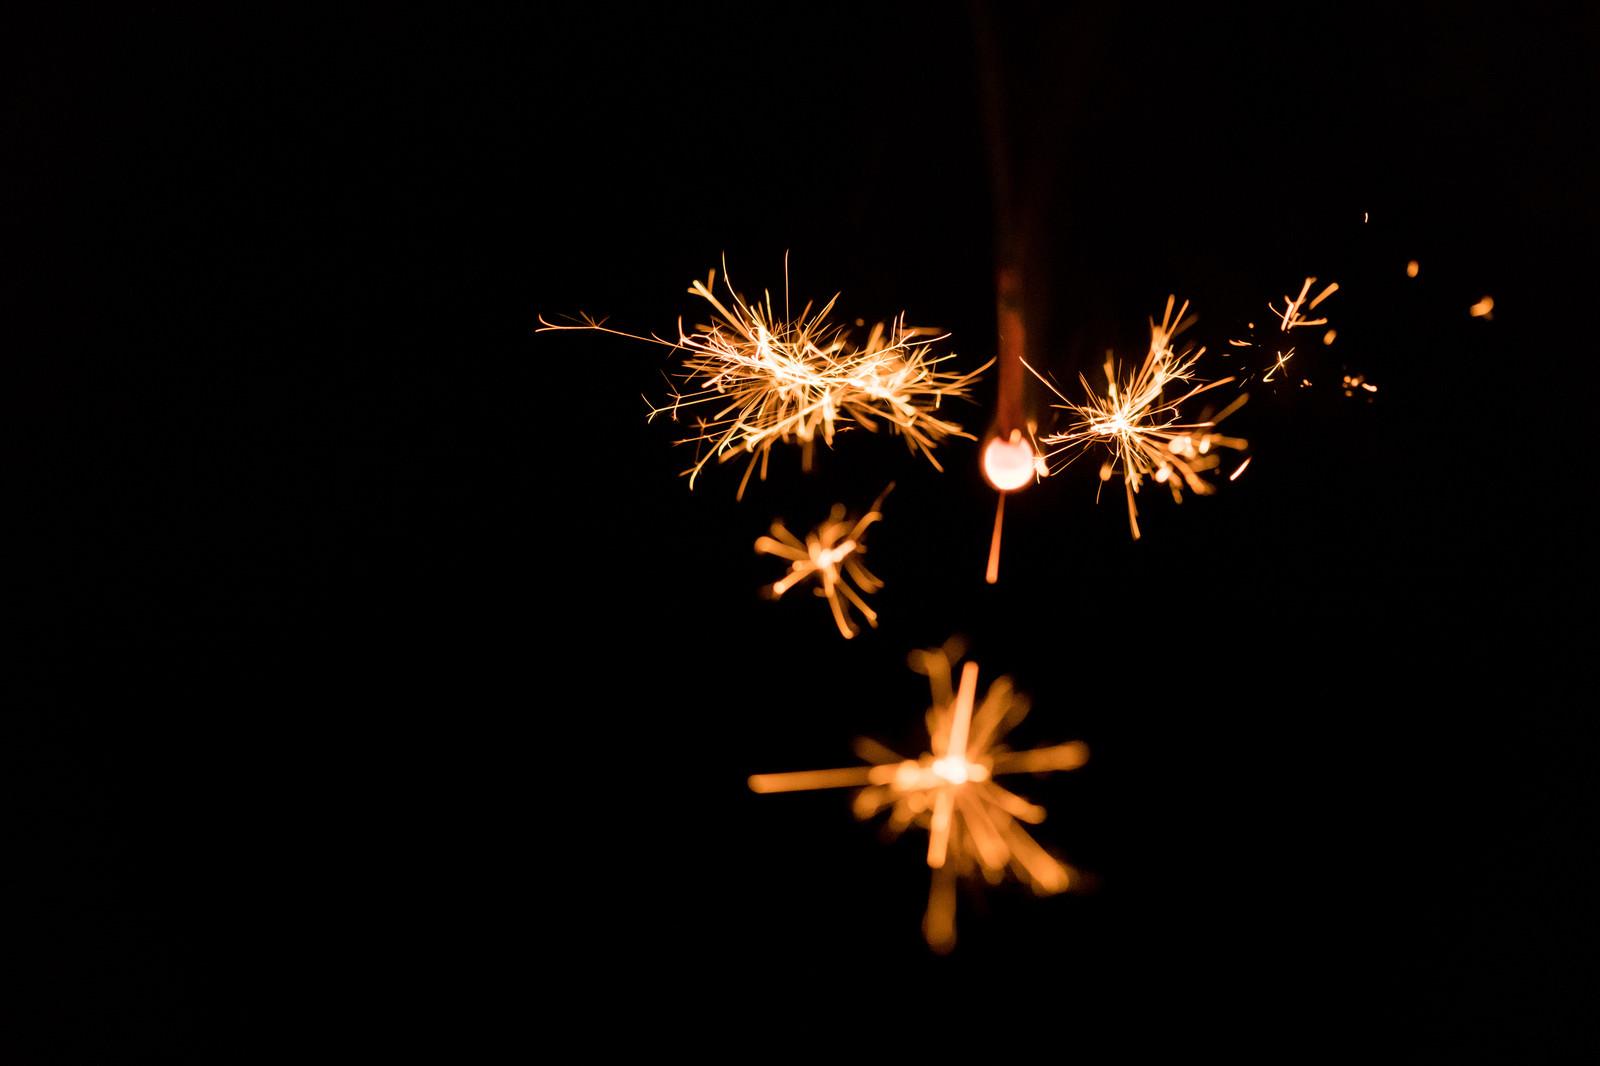 「小さくて儚い線香花火小さくて儚い線香花火」のフリー写真素材を拡大